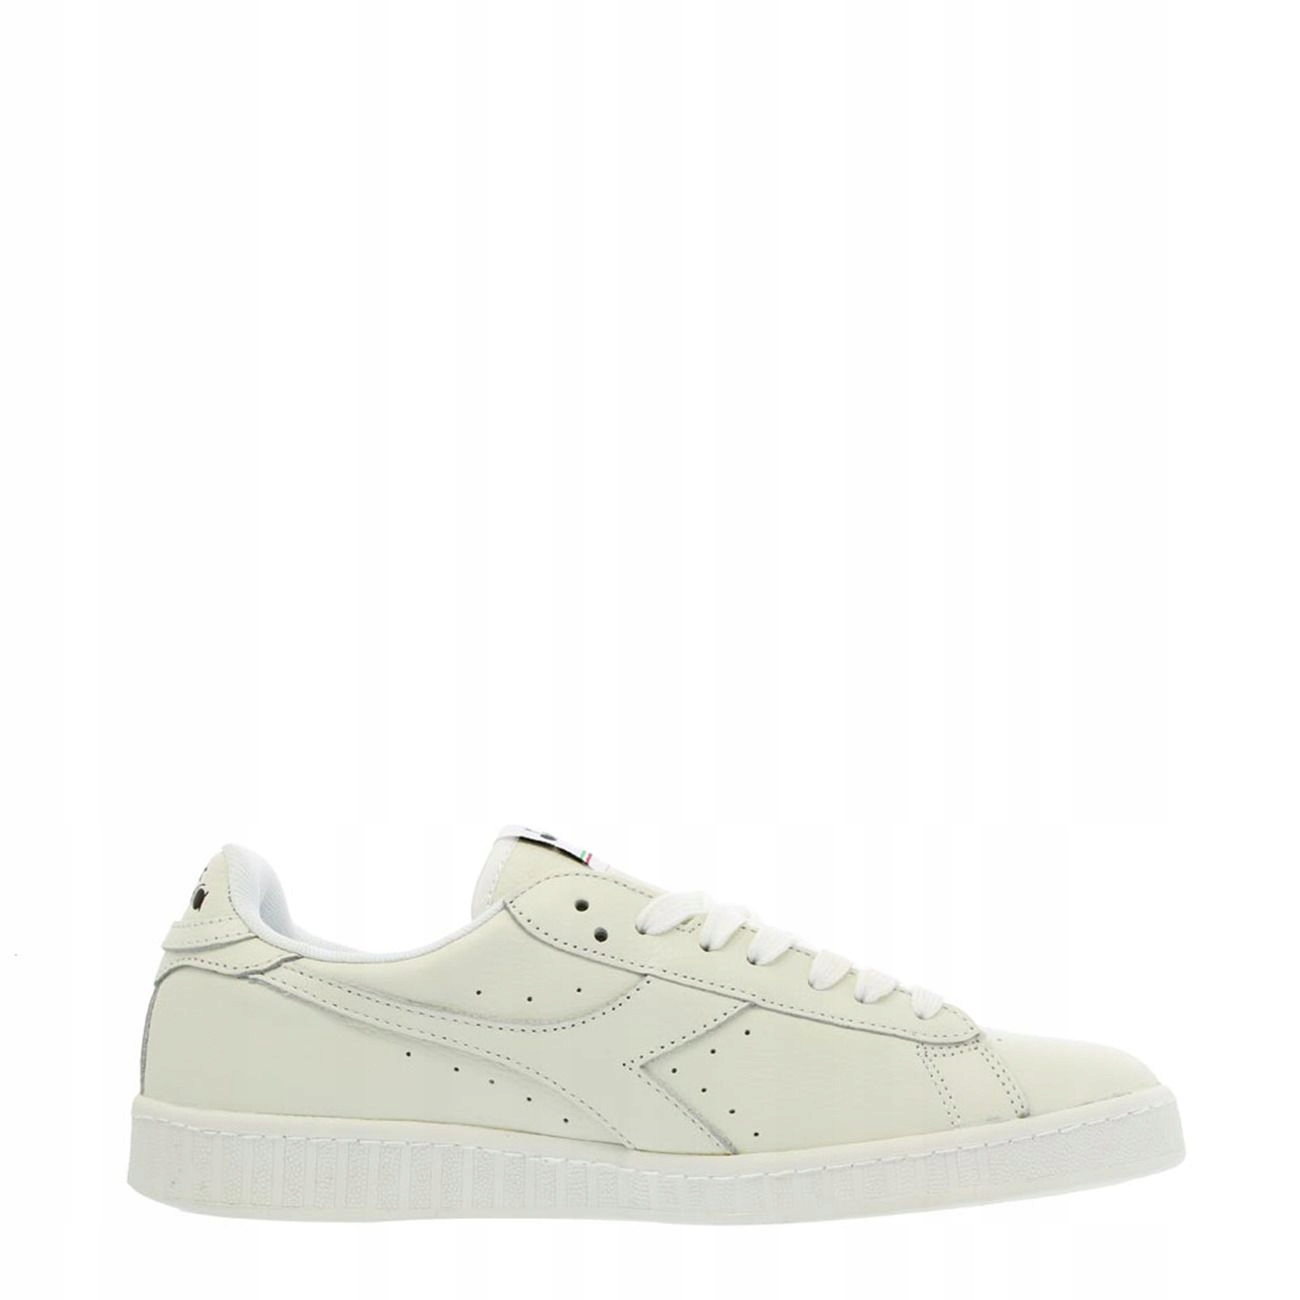 Buty sportowe białę adidasy DIADORA GAMELLOW 8